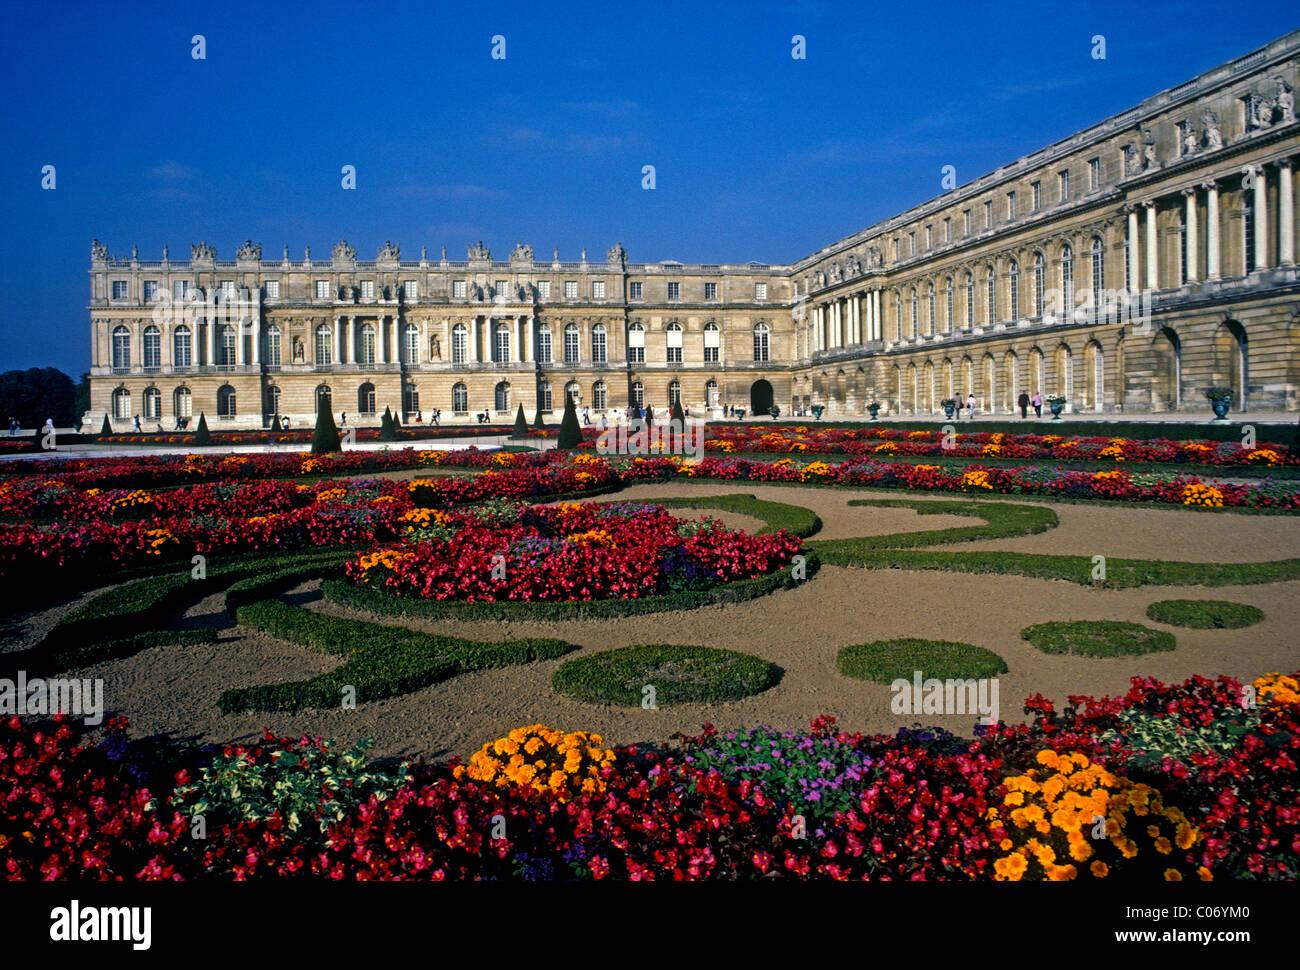 Gardens Palace Of Versailles Exterior 3